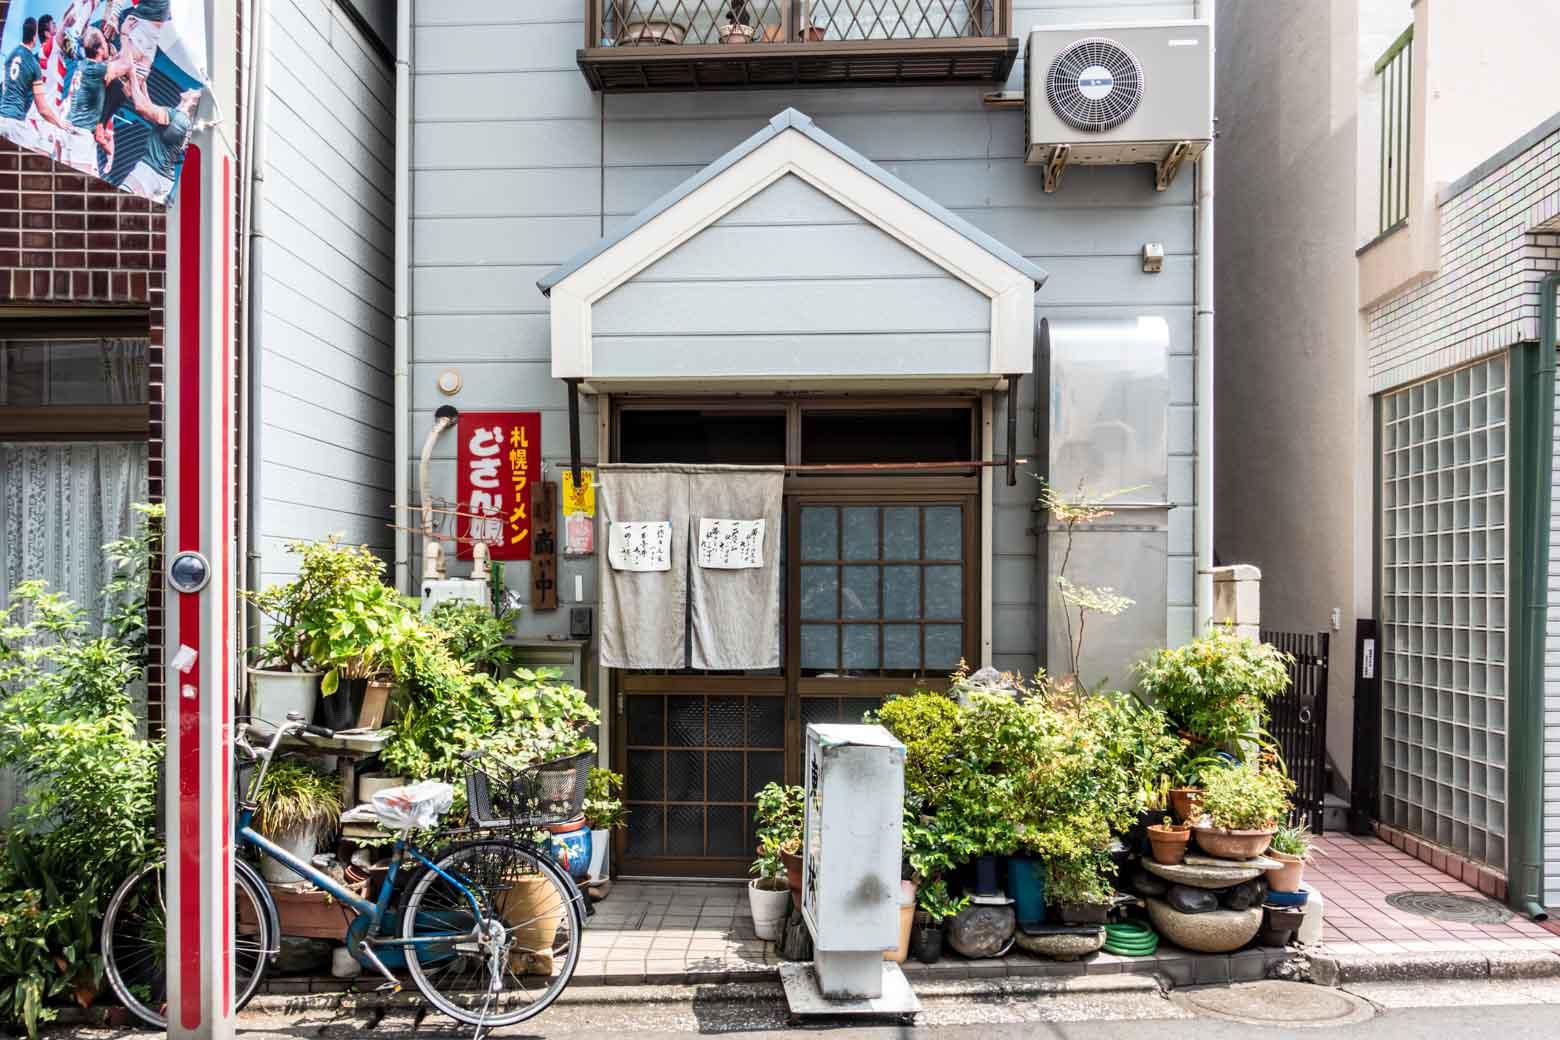 さらに、近所で美味しそうな割烹料理屋を発見(むかしは札幌ラーメンのお店だったのでしょうか?)。